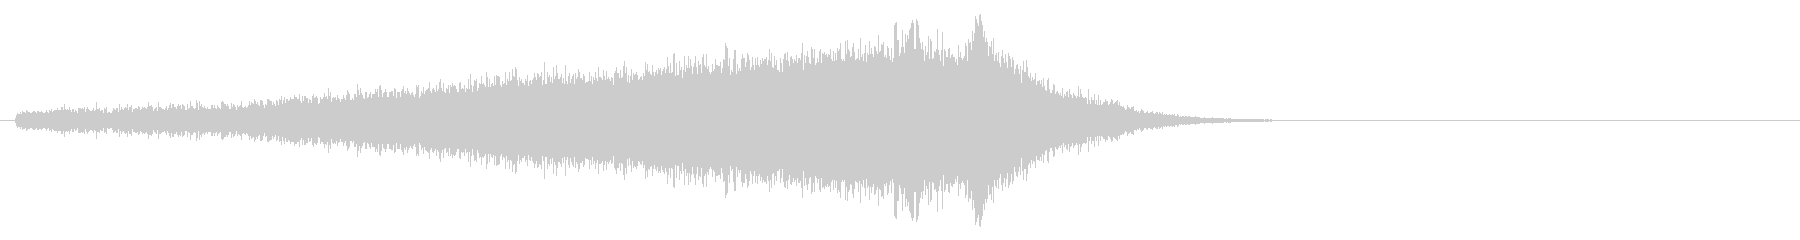 スティンガー-アンビエントピッチア...の未再生の波形